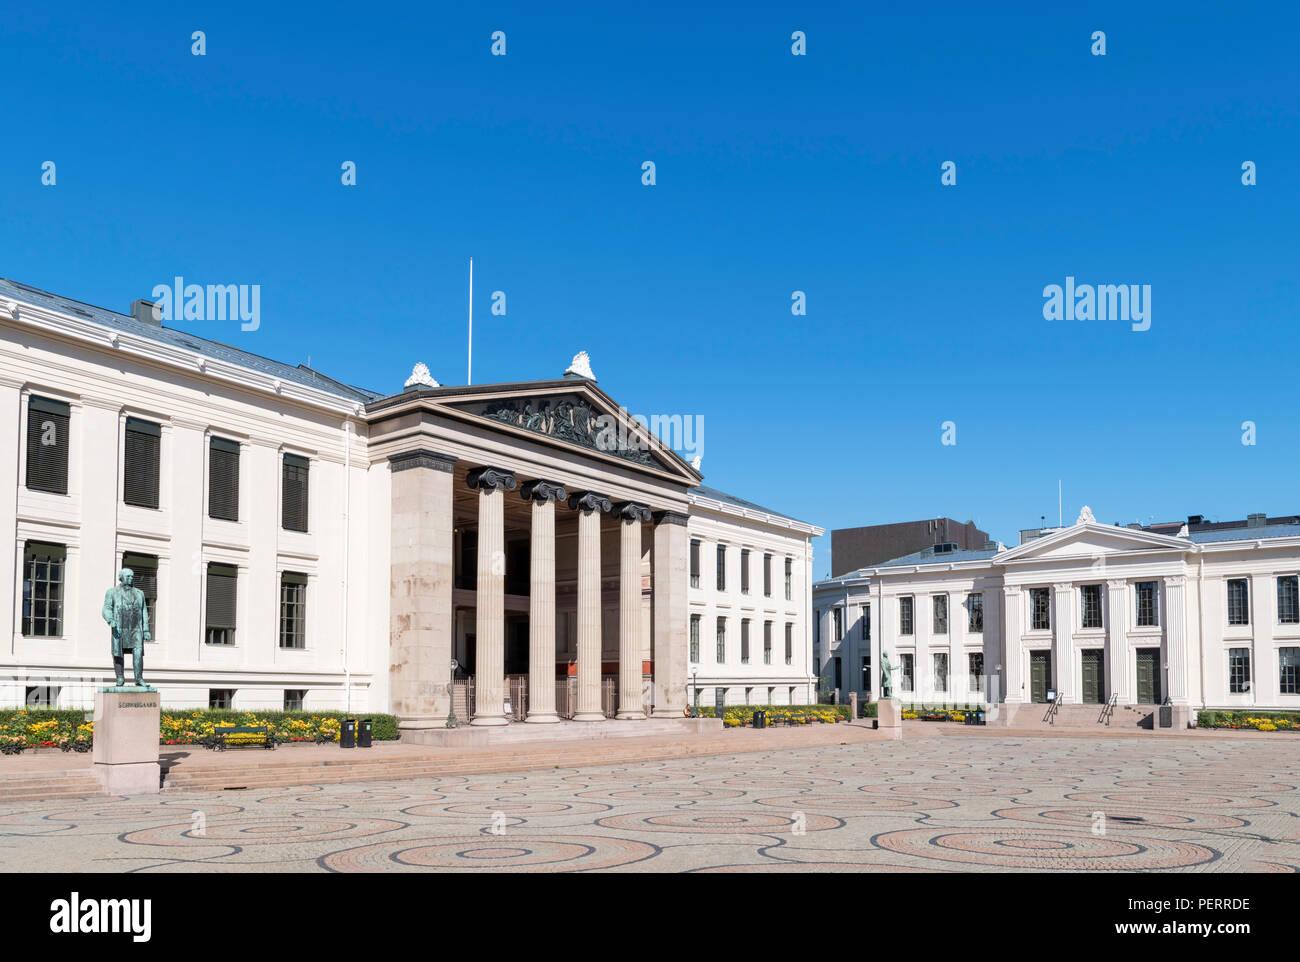 Campus centrale dell'Università di Oslo, oggi sede della Facoltà di Legge, Universitetsplassen, Karl Johans gate, Oslo, Norvegia Immagini Stock